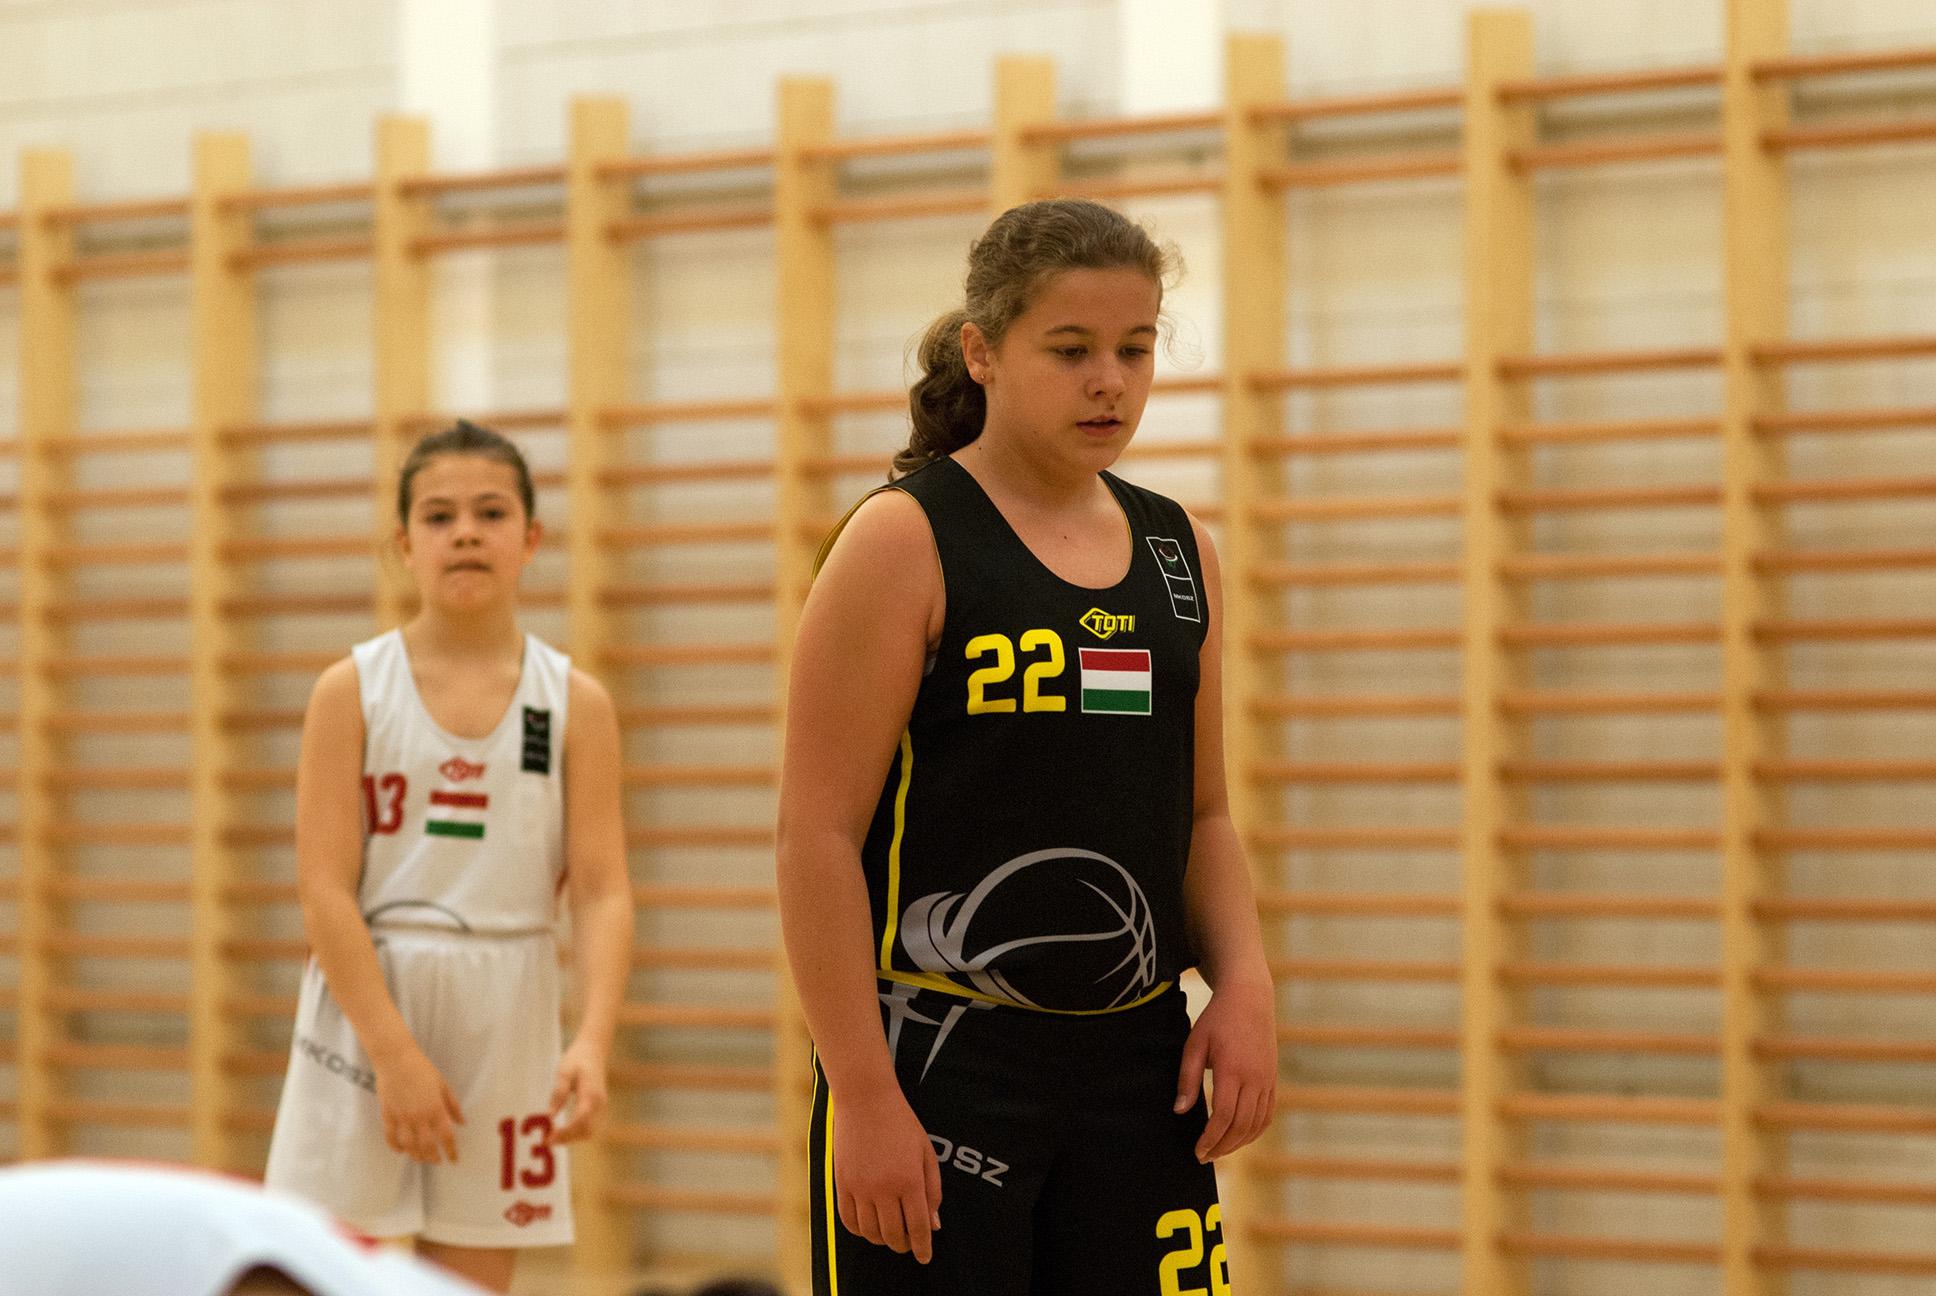 U12 kosárlabda szakosztály